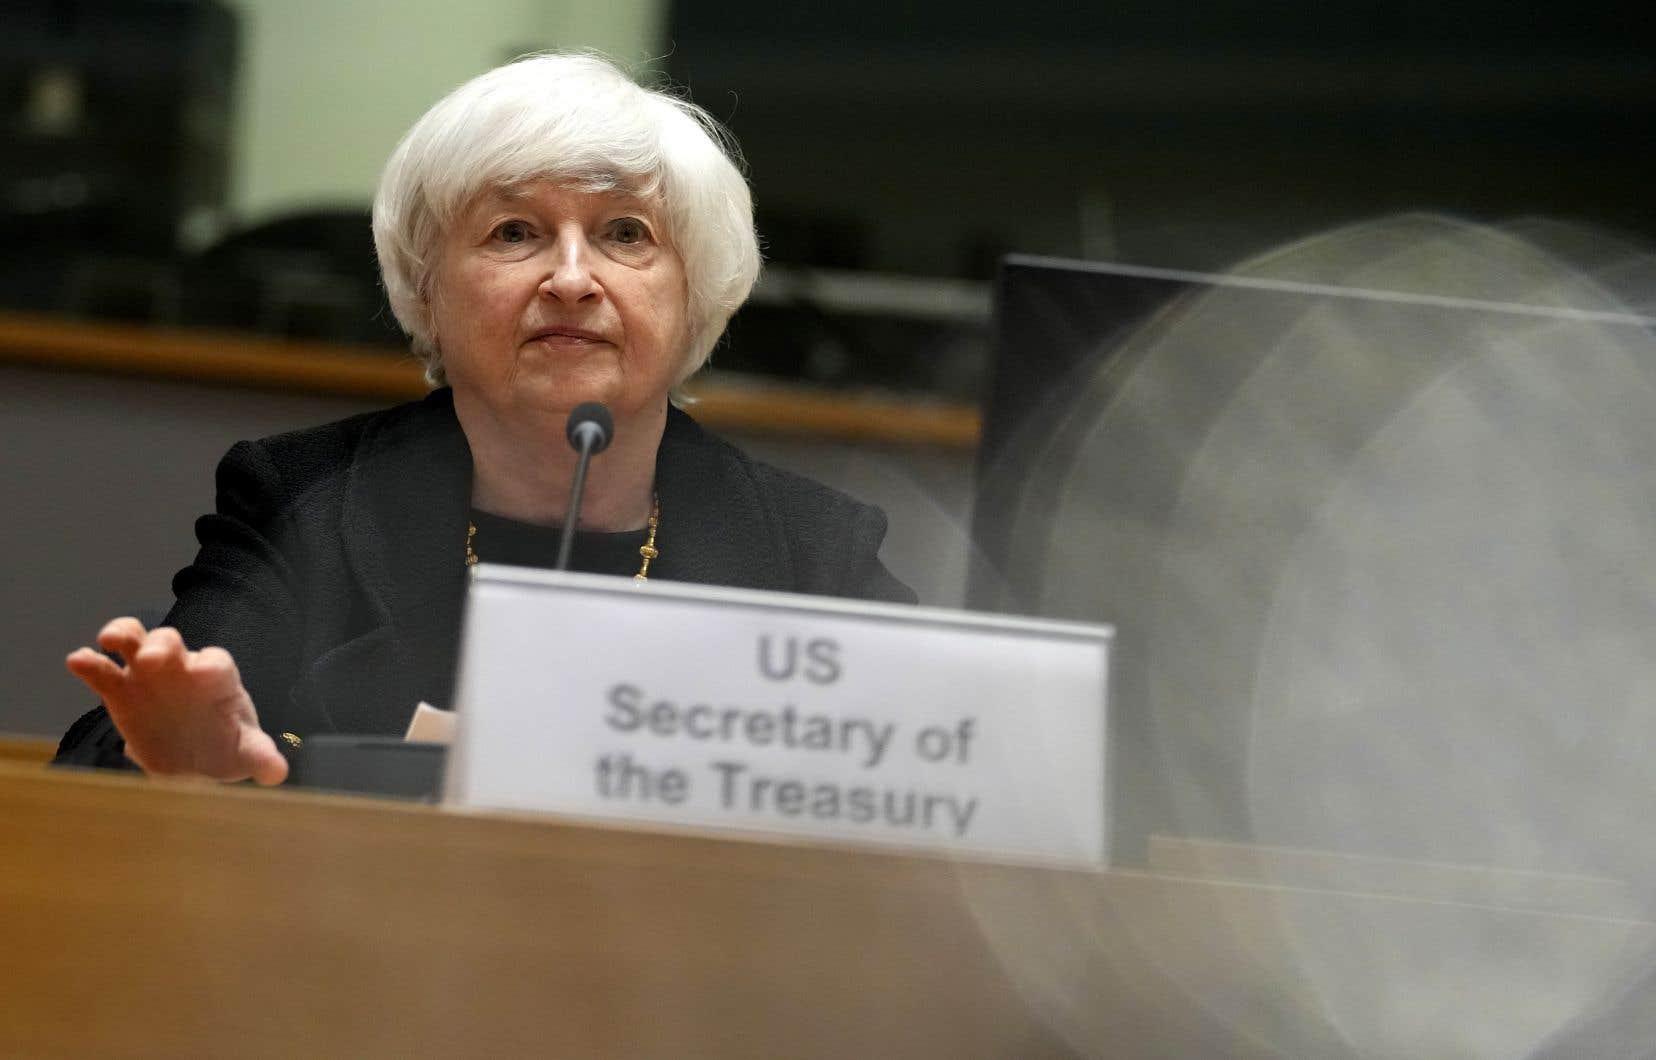 Présente lundi à Bruxelles, Janet Yellen avait appelé l'UE à reconsidérer son projet de taxe numérique européenne.